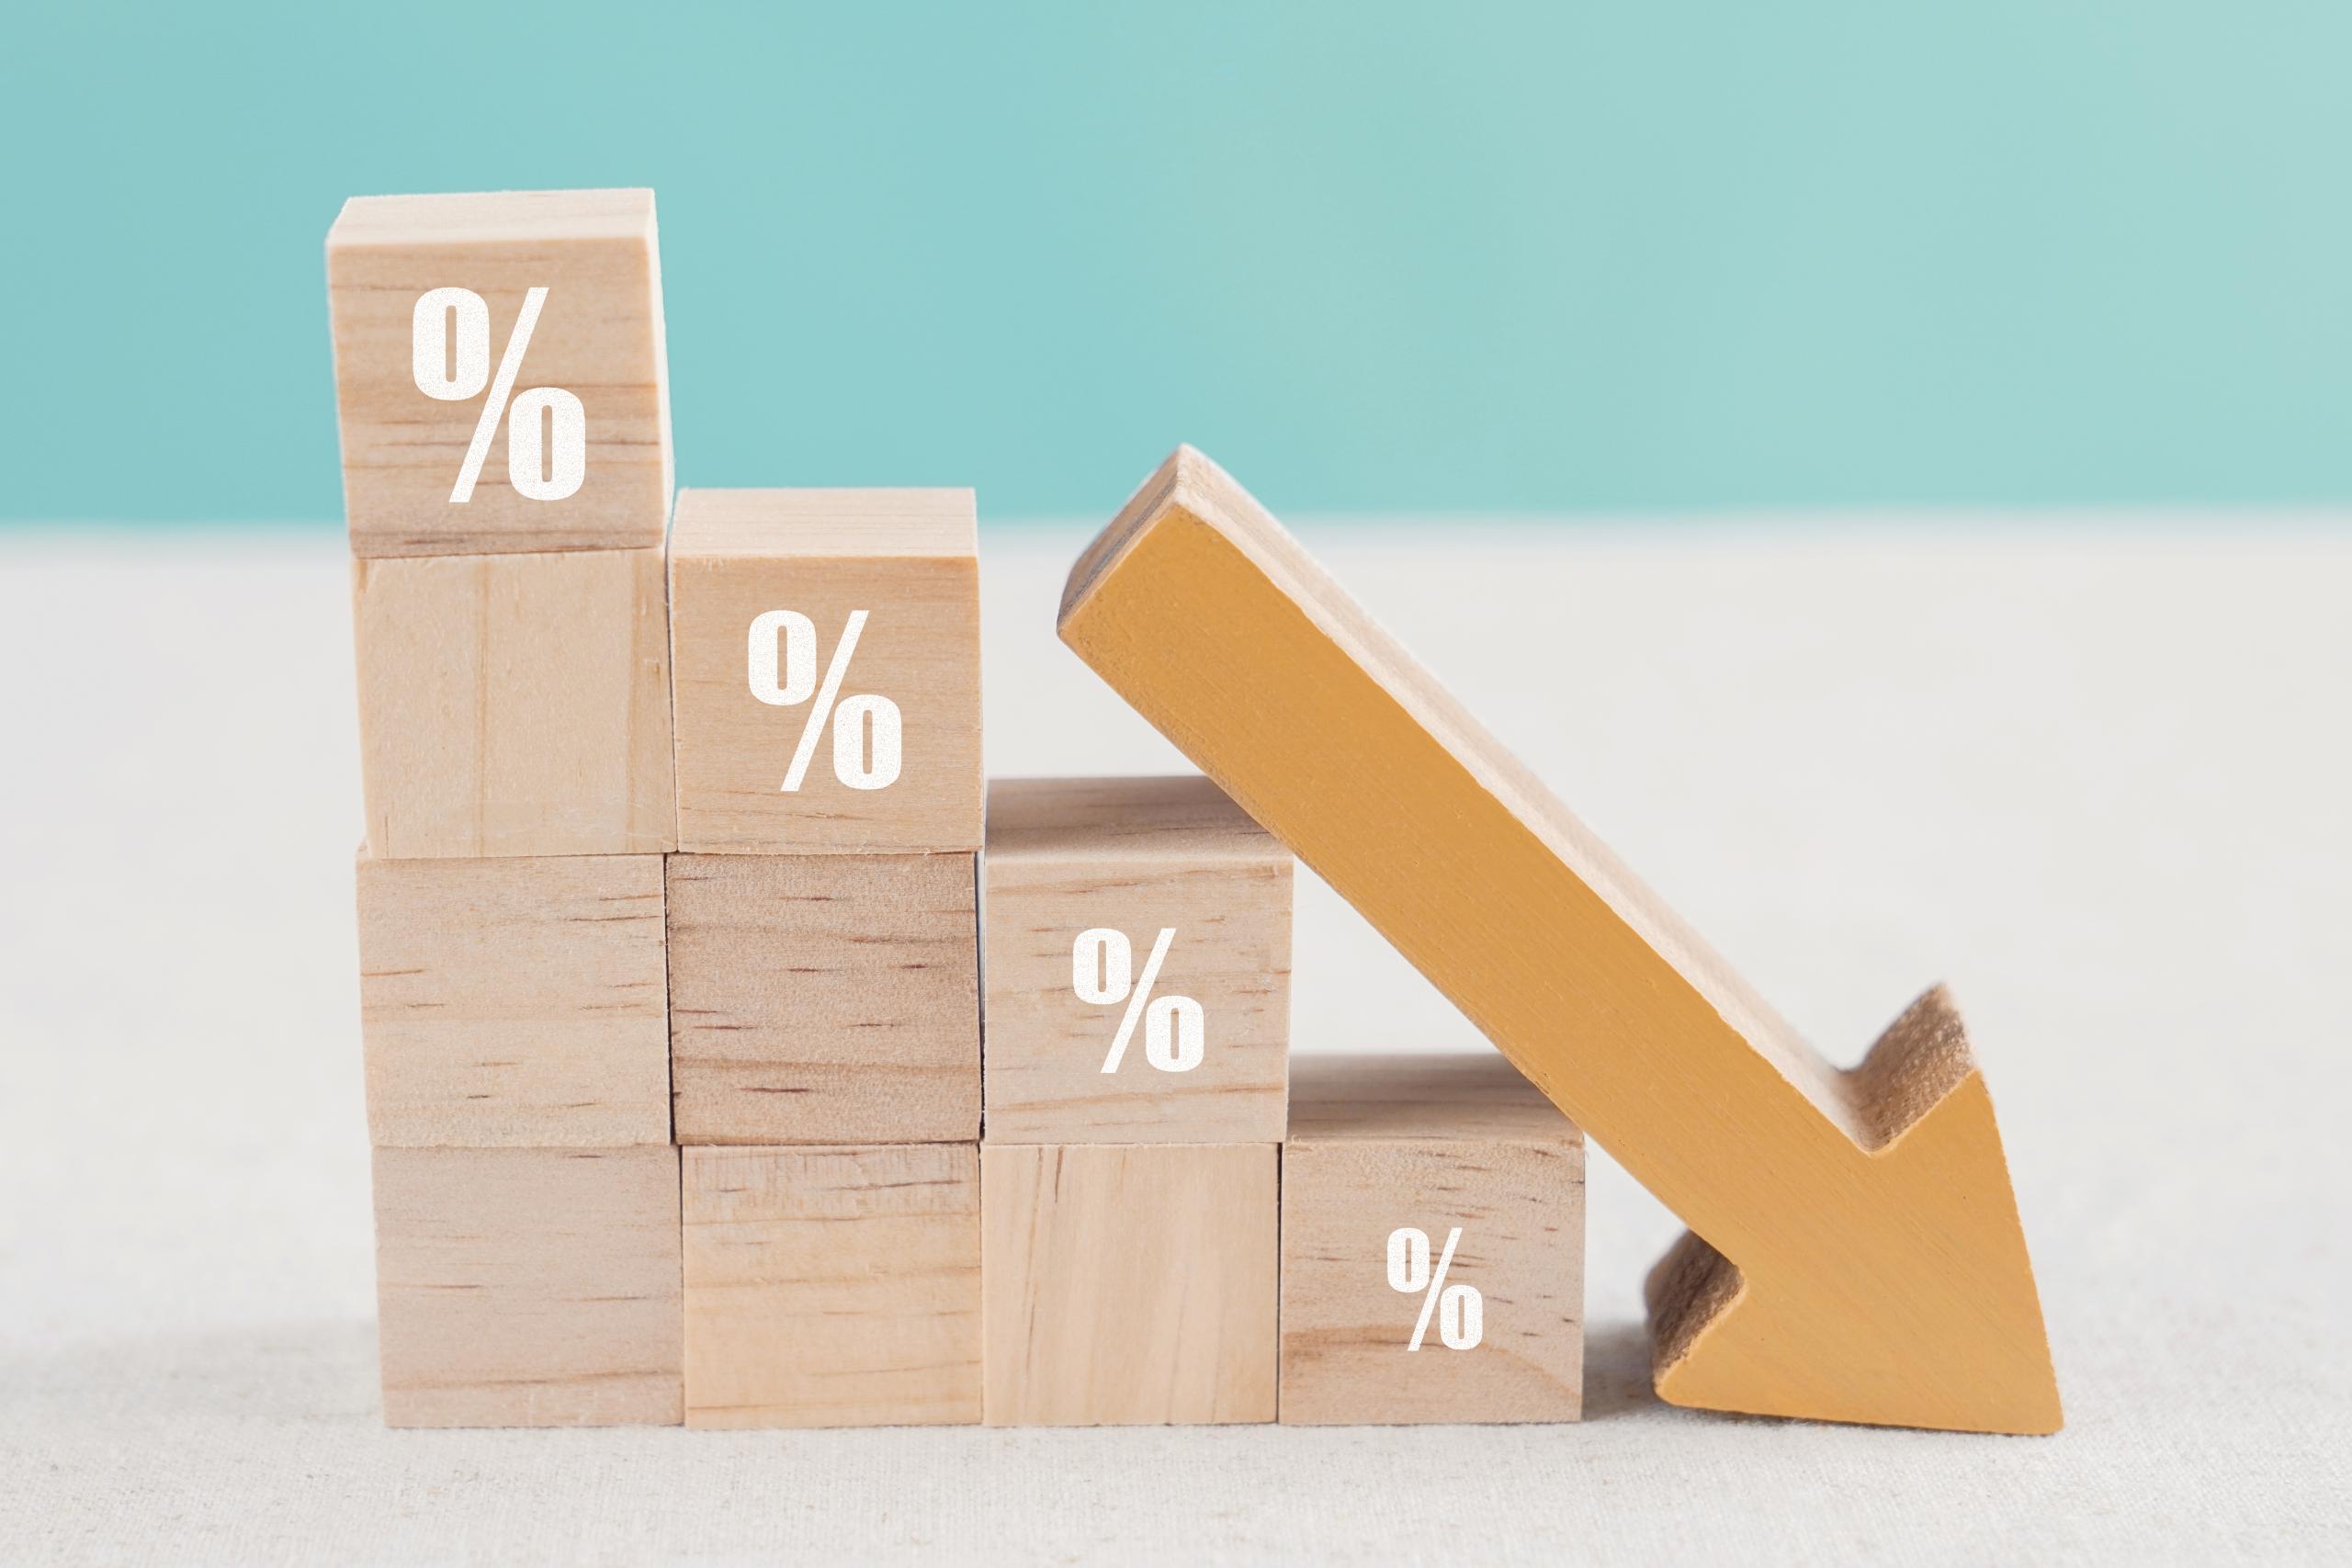 Hướng dẫn của chúng tôi về cách giảm tỷ lệ kinh doanh